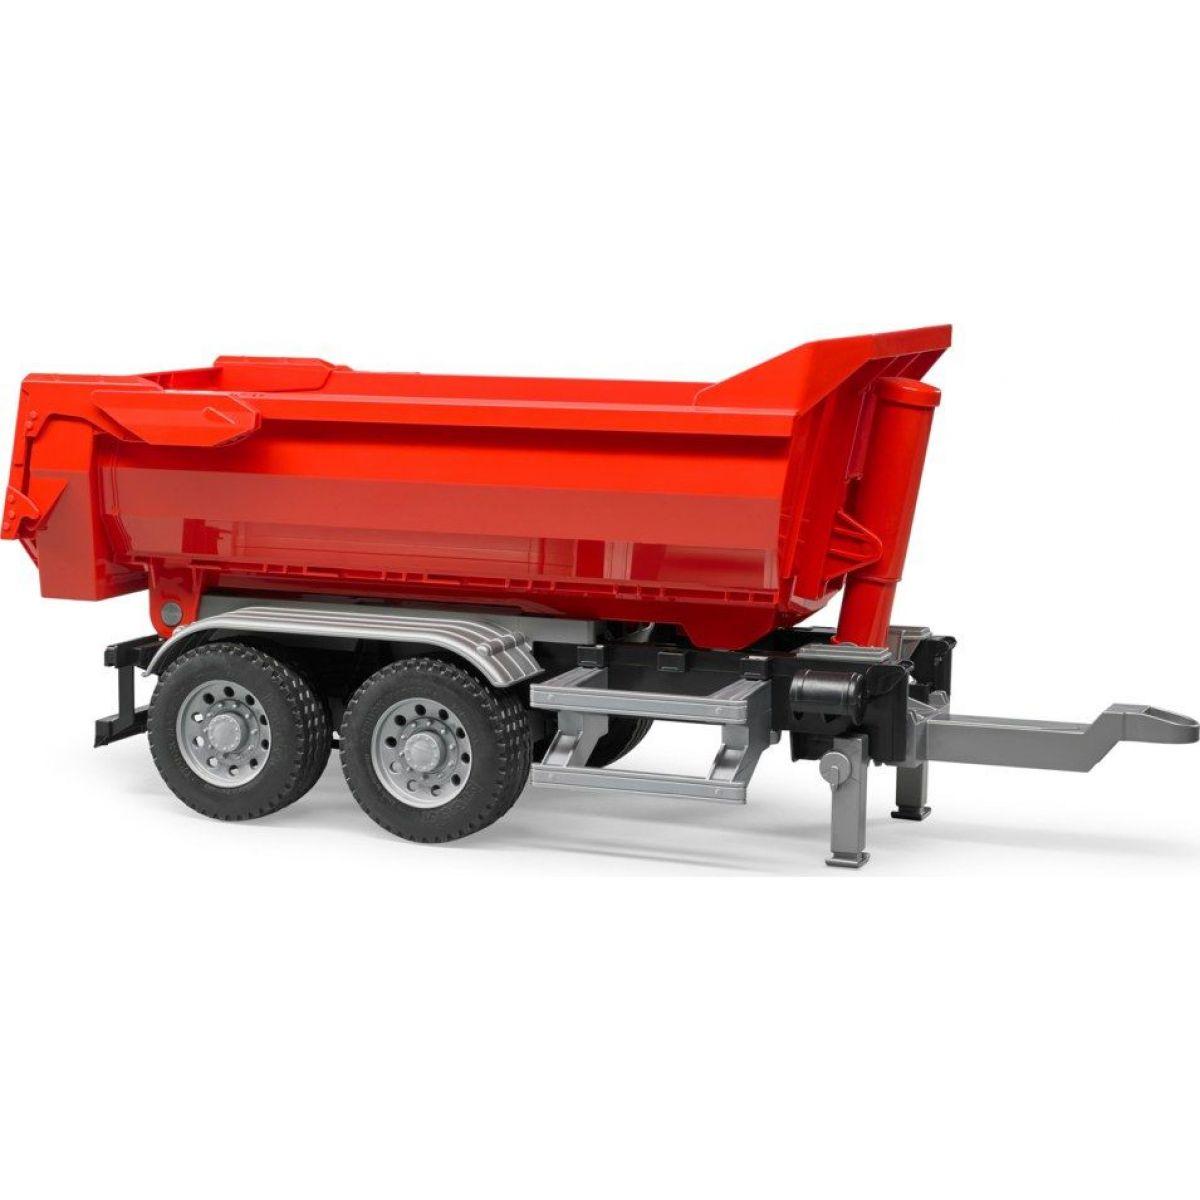 Bruder 03923 Přívěs sklápěcí pro nákladní auta